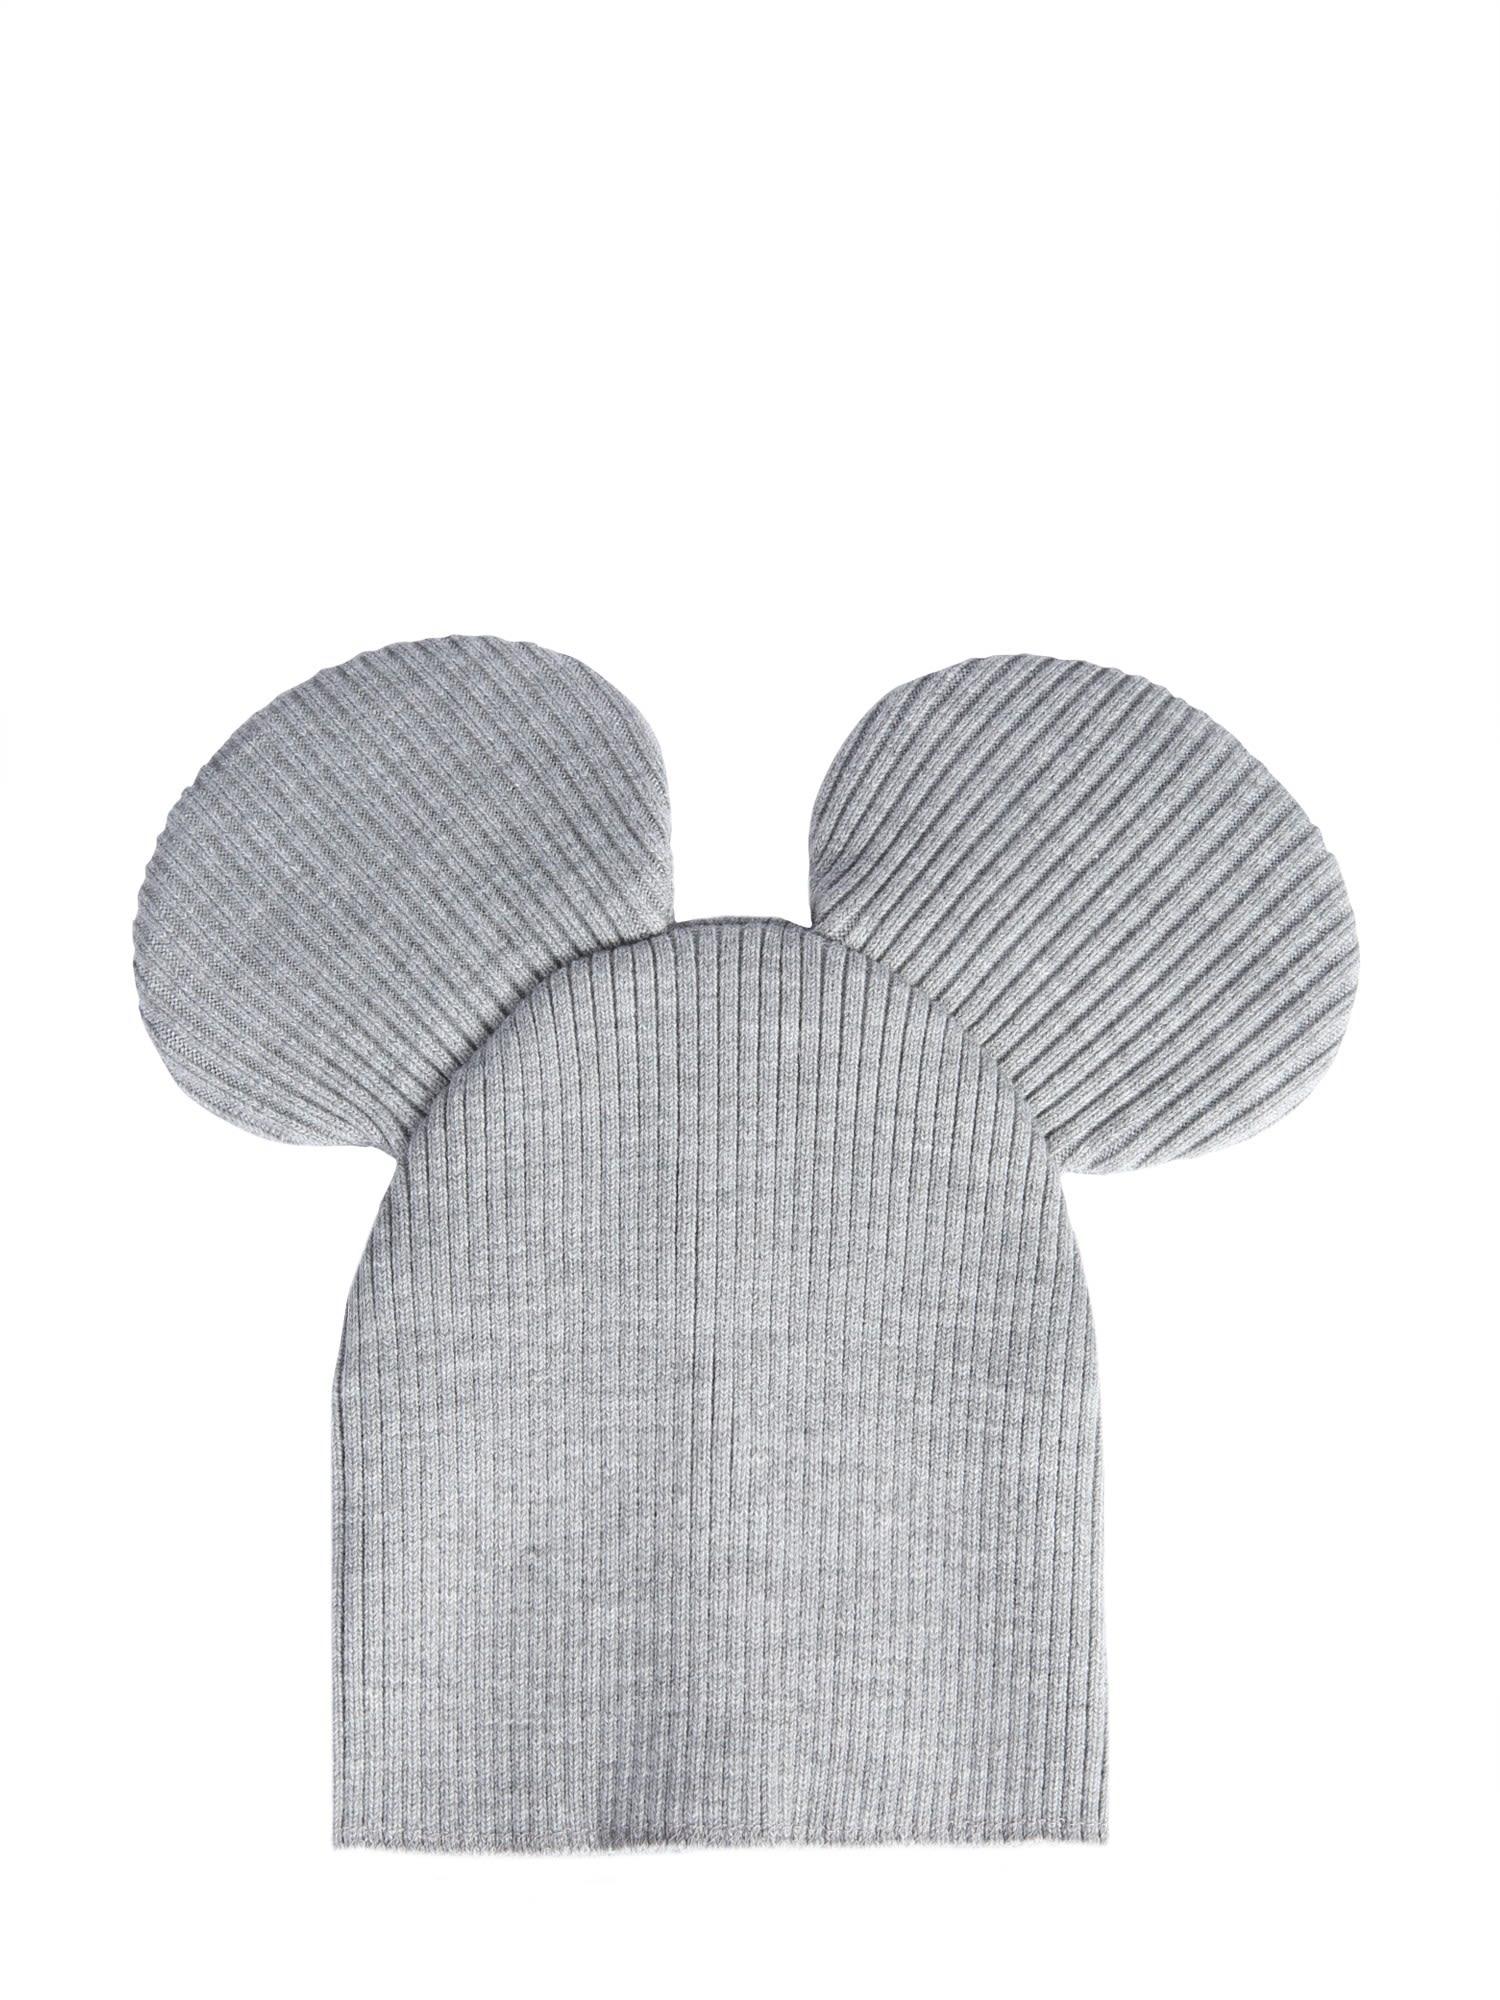 Comme des Garçons Shirt Boy Mouse Hat  9d225a8354c7